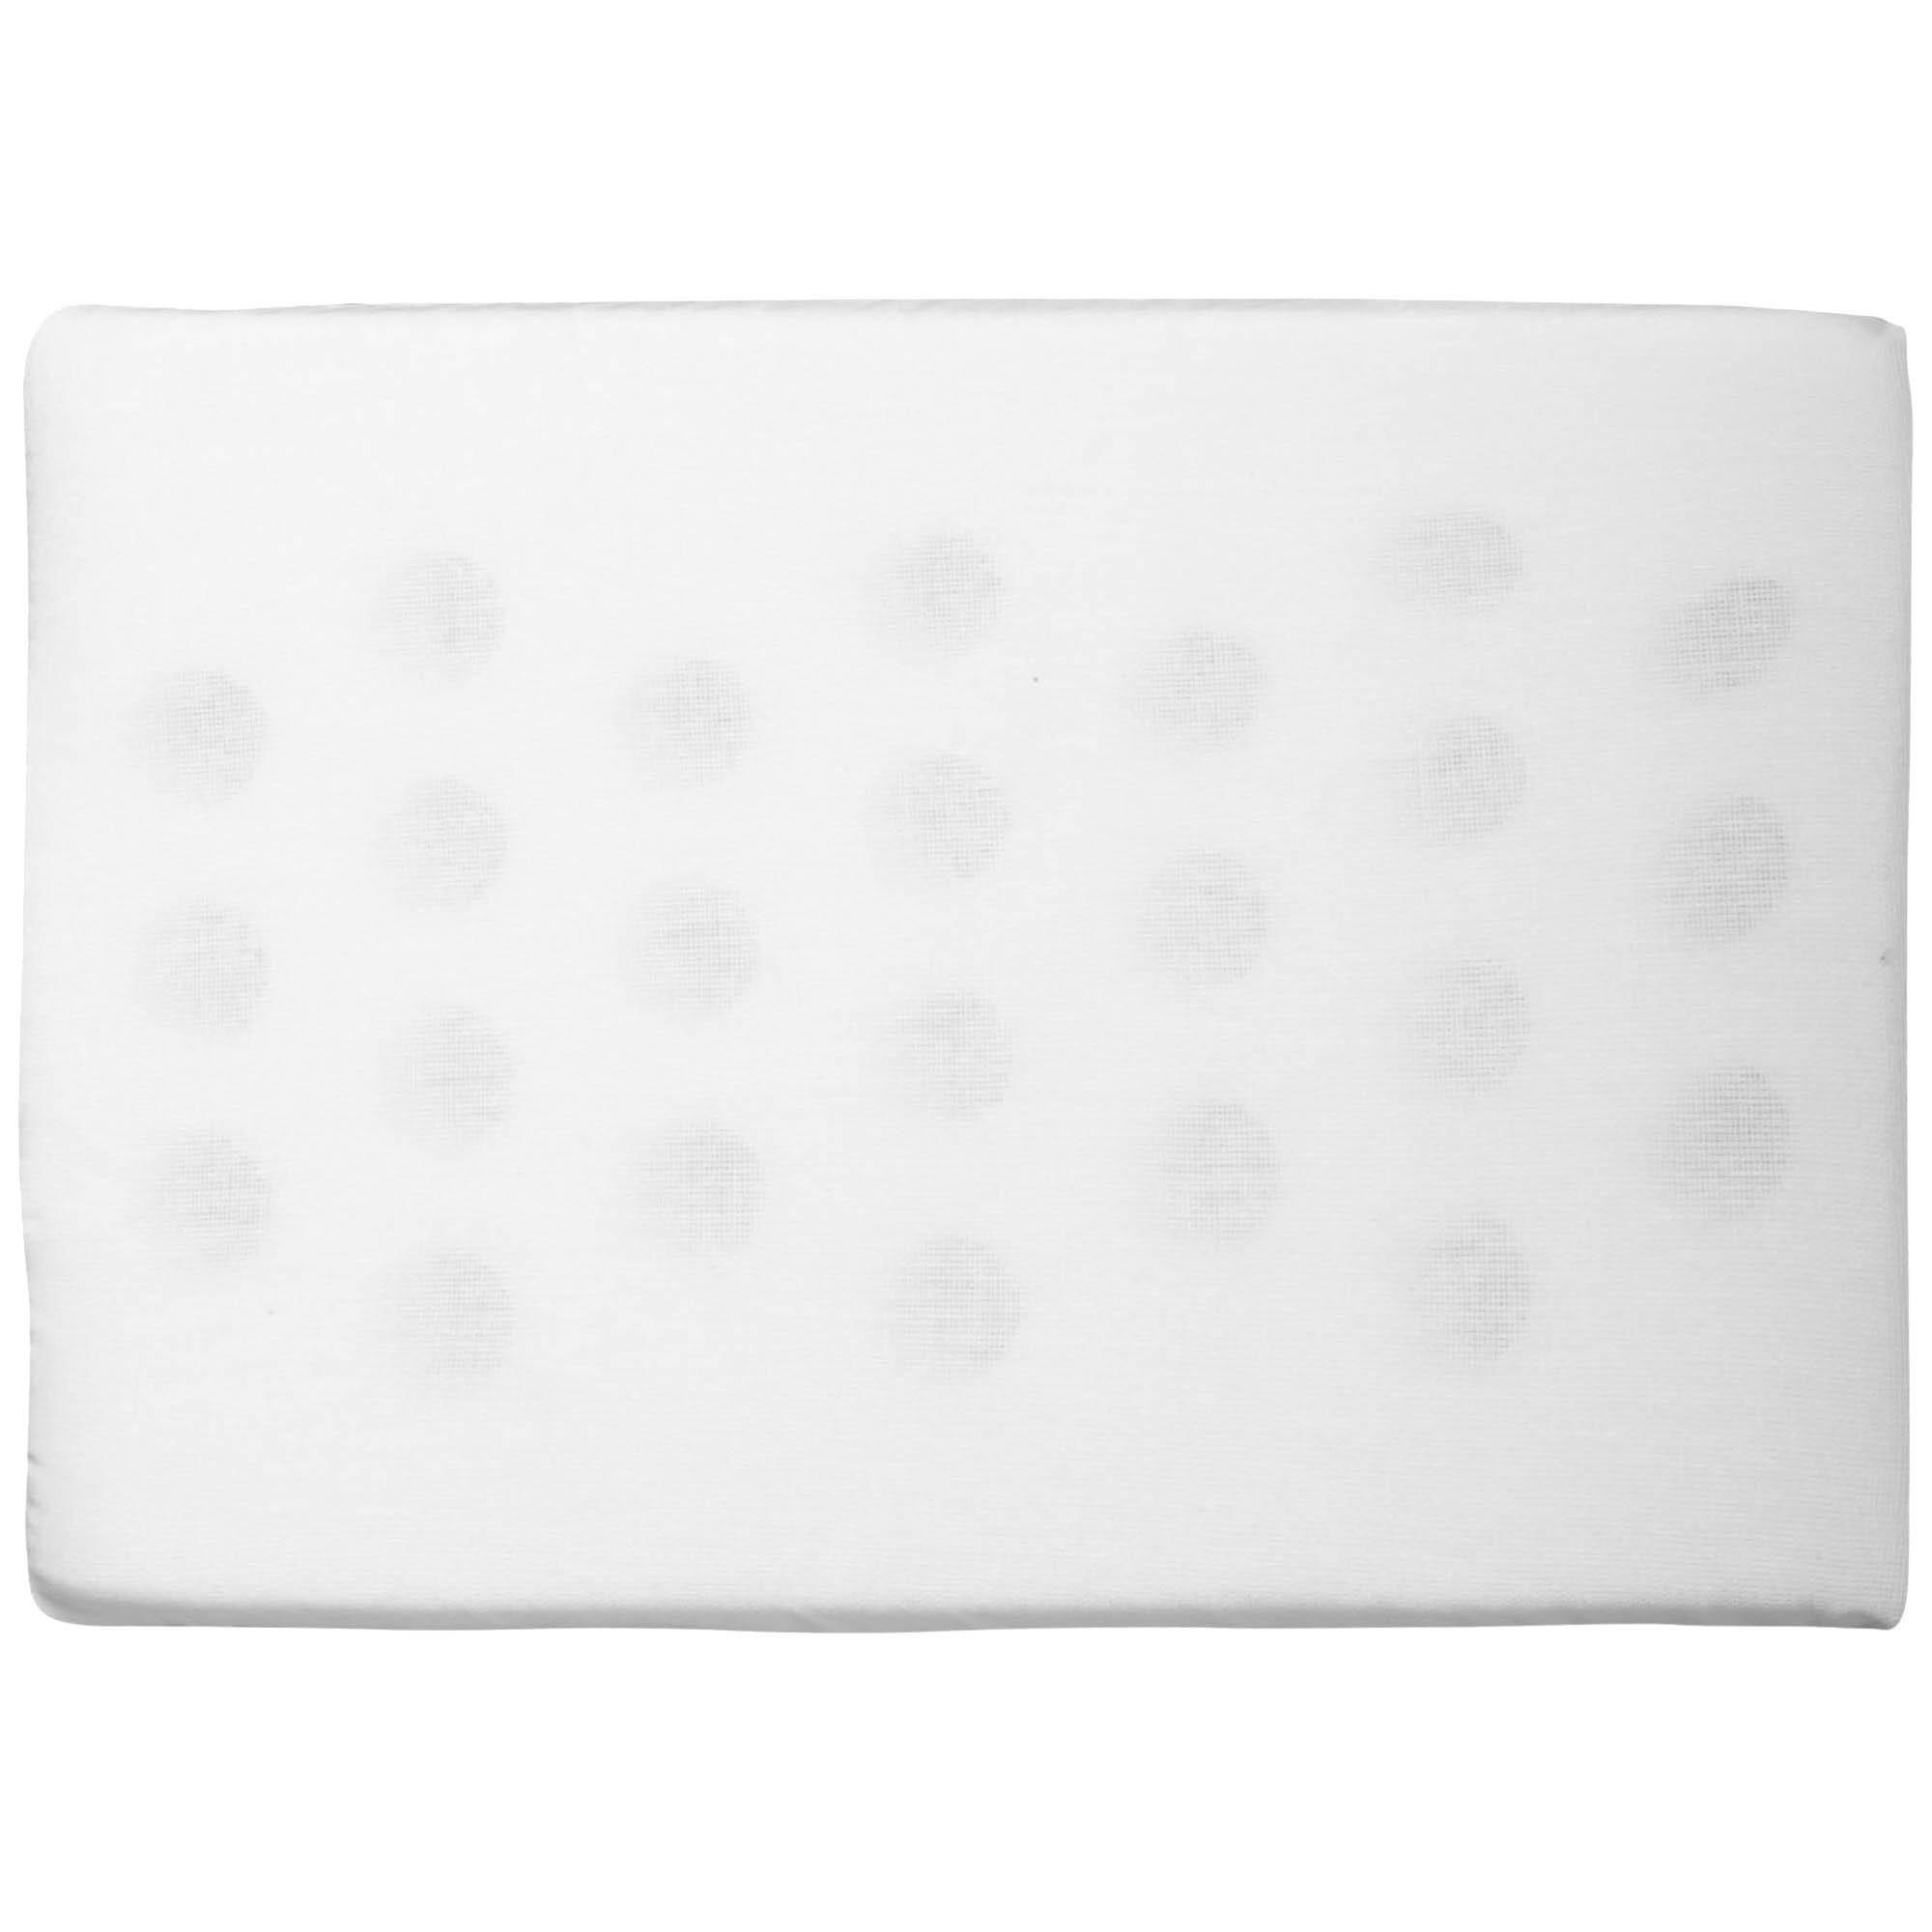 Travesseiro Antissufocante Liso - Incomfral - Bambi - Branco